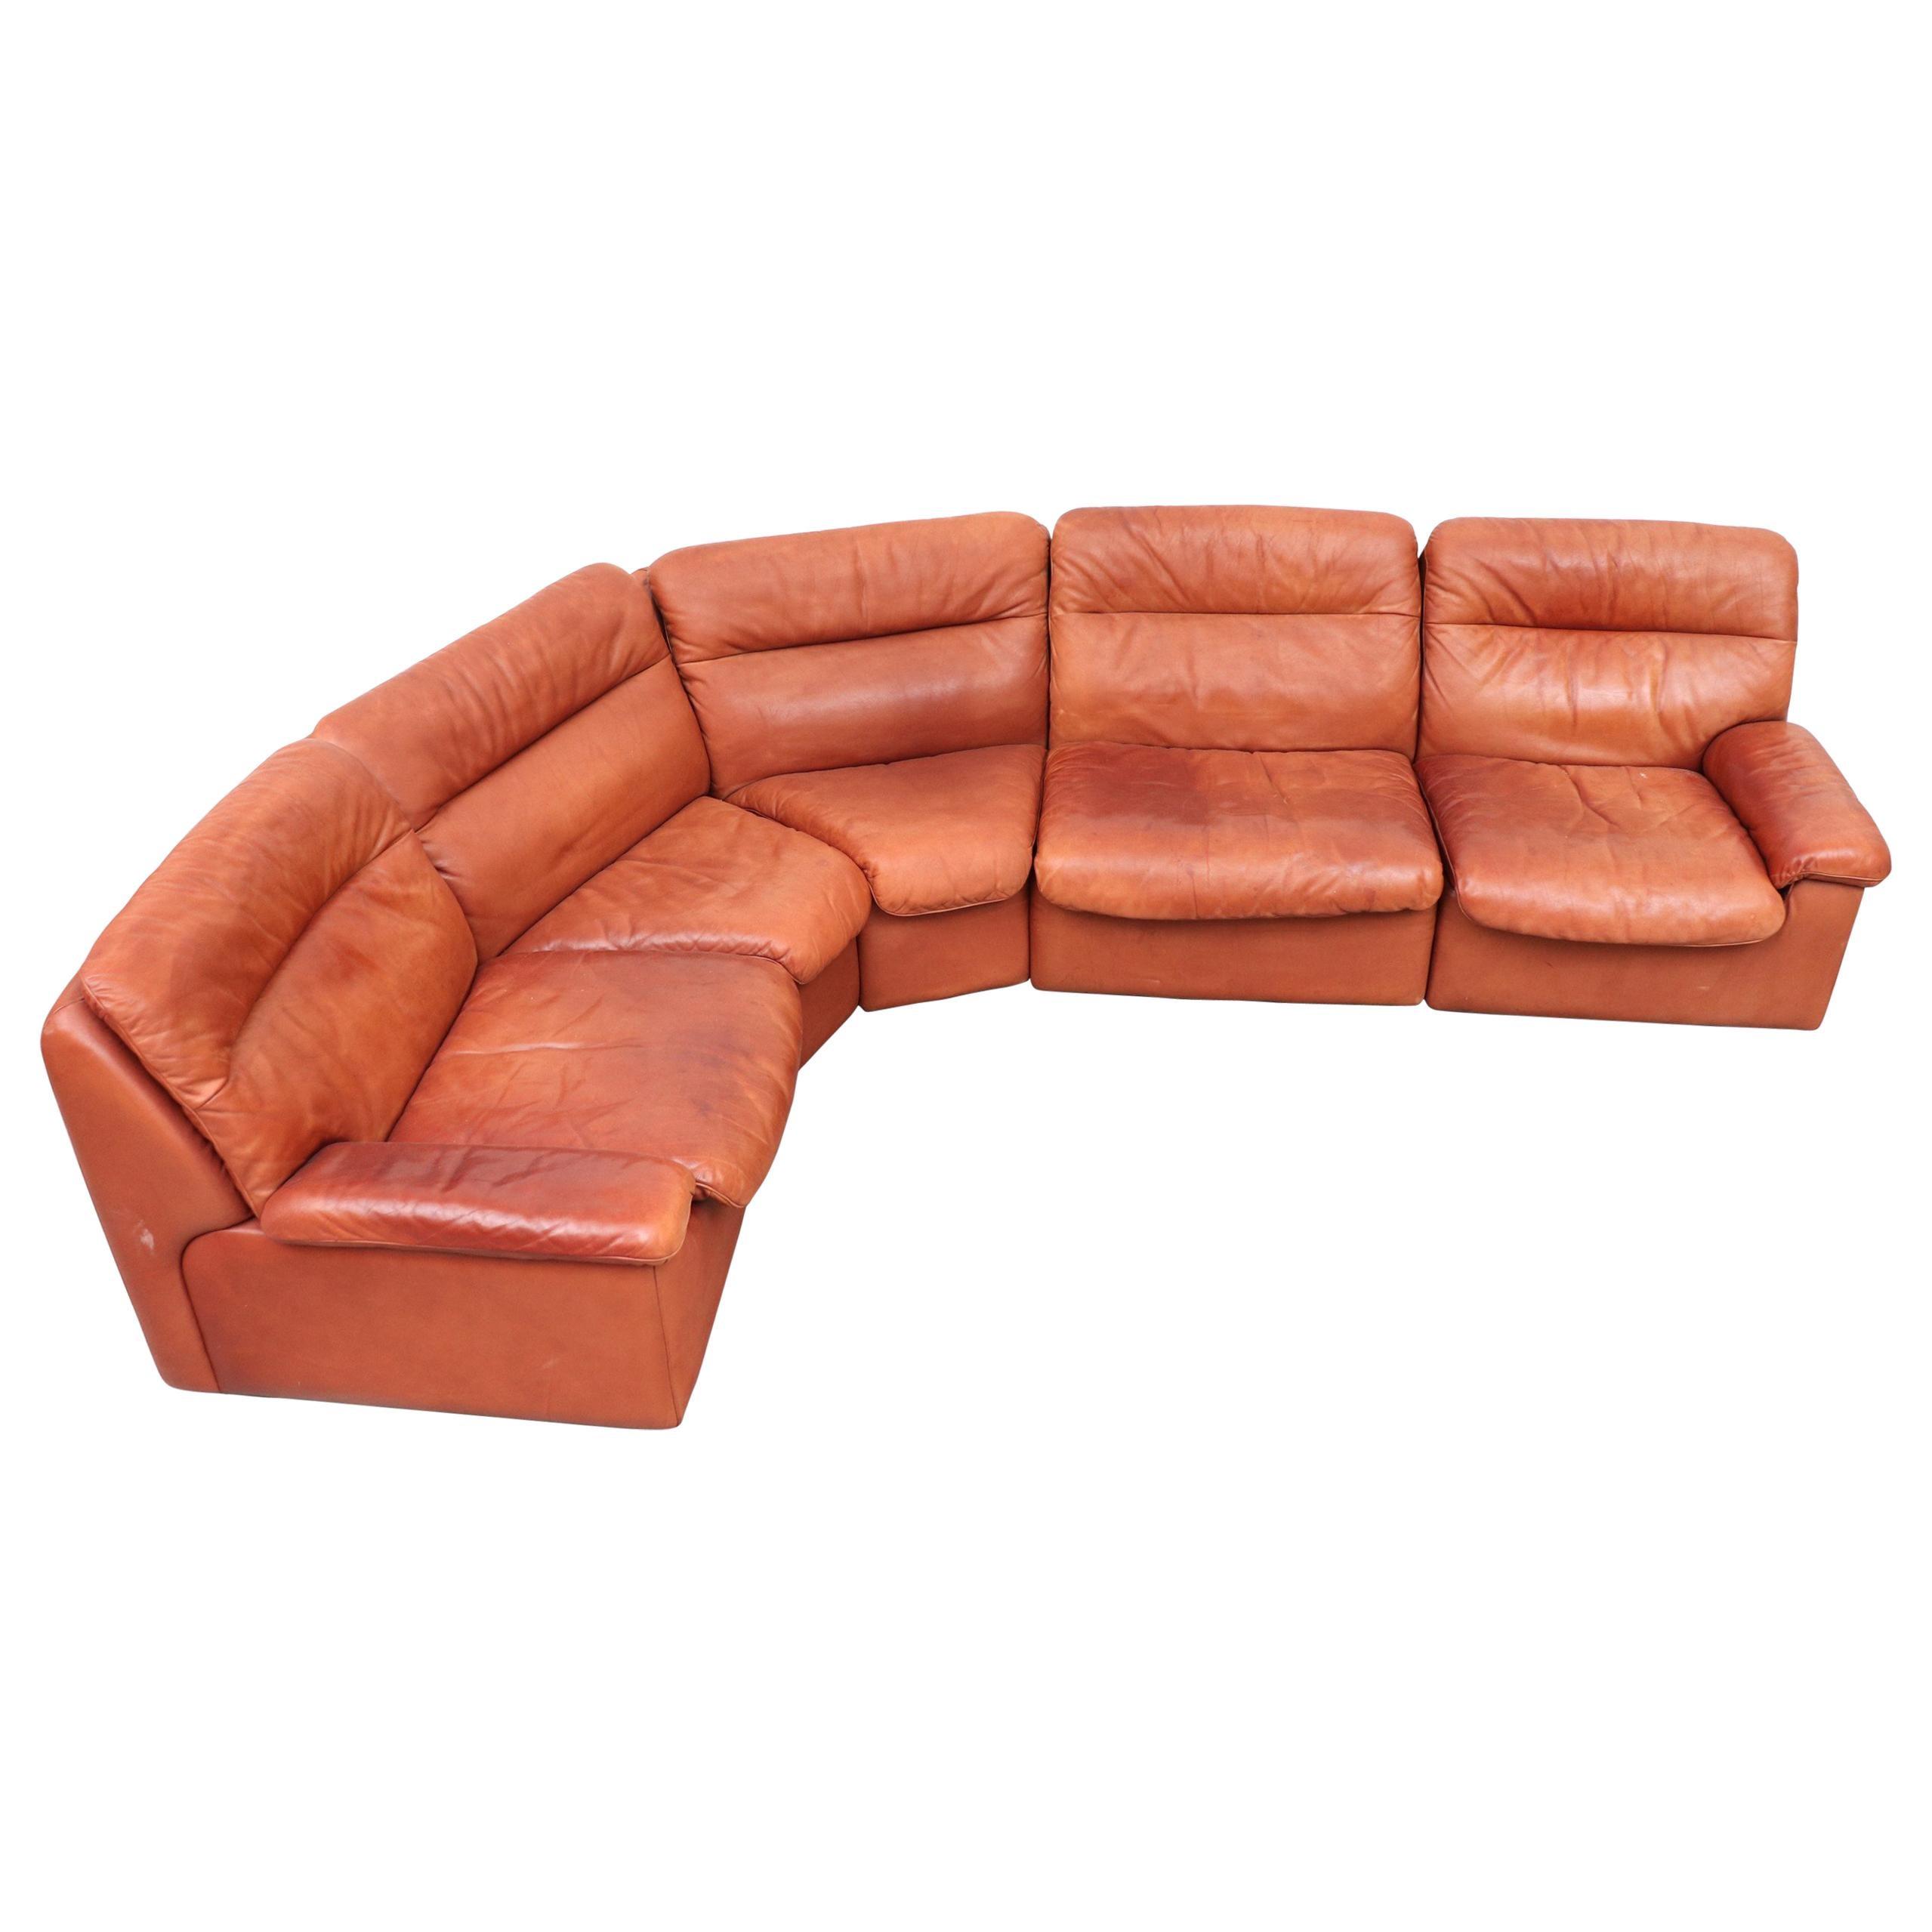 Handsome De Sede DS 66 5-Piece Cognac Leather Sectional Sofa